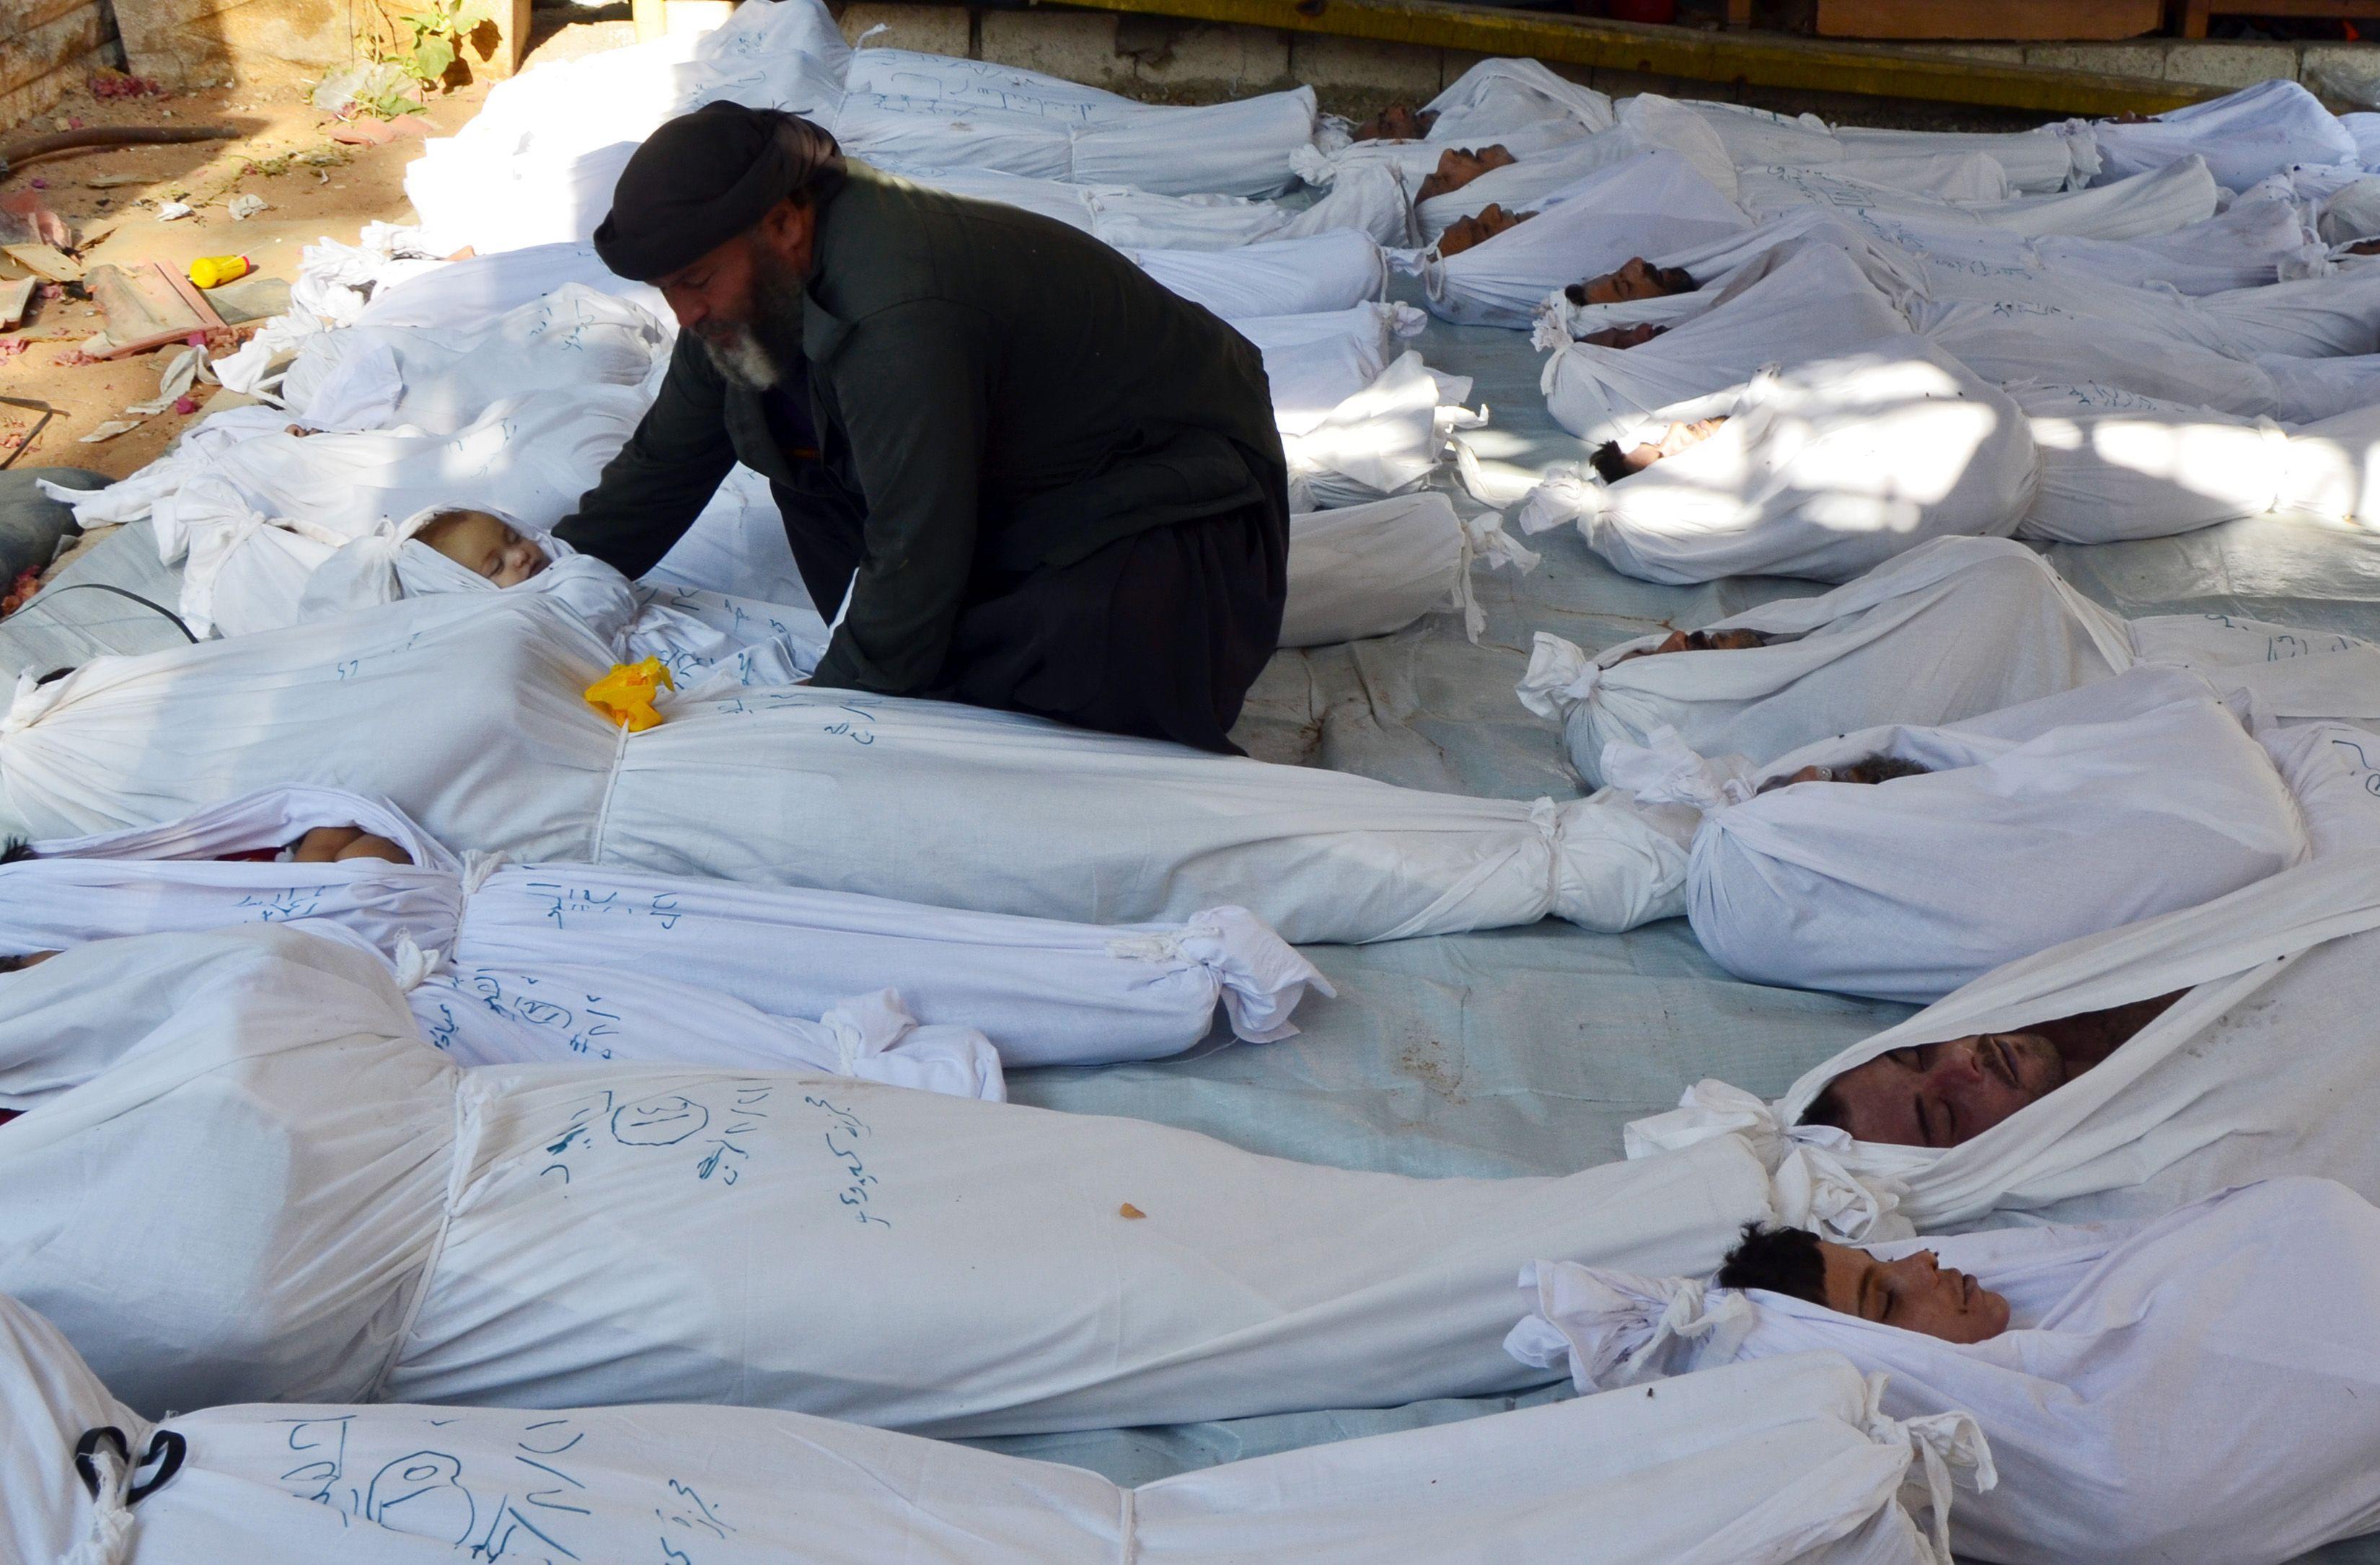 L'opposition syrienne a affirmé mercredi que le régime avait tué 1 300 personnes dans une attaque chimique près de Damas.